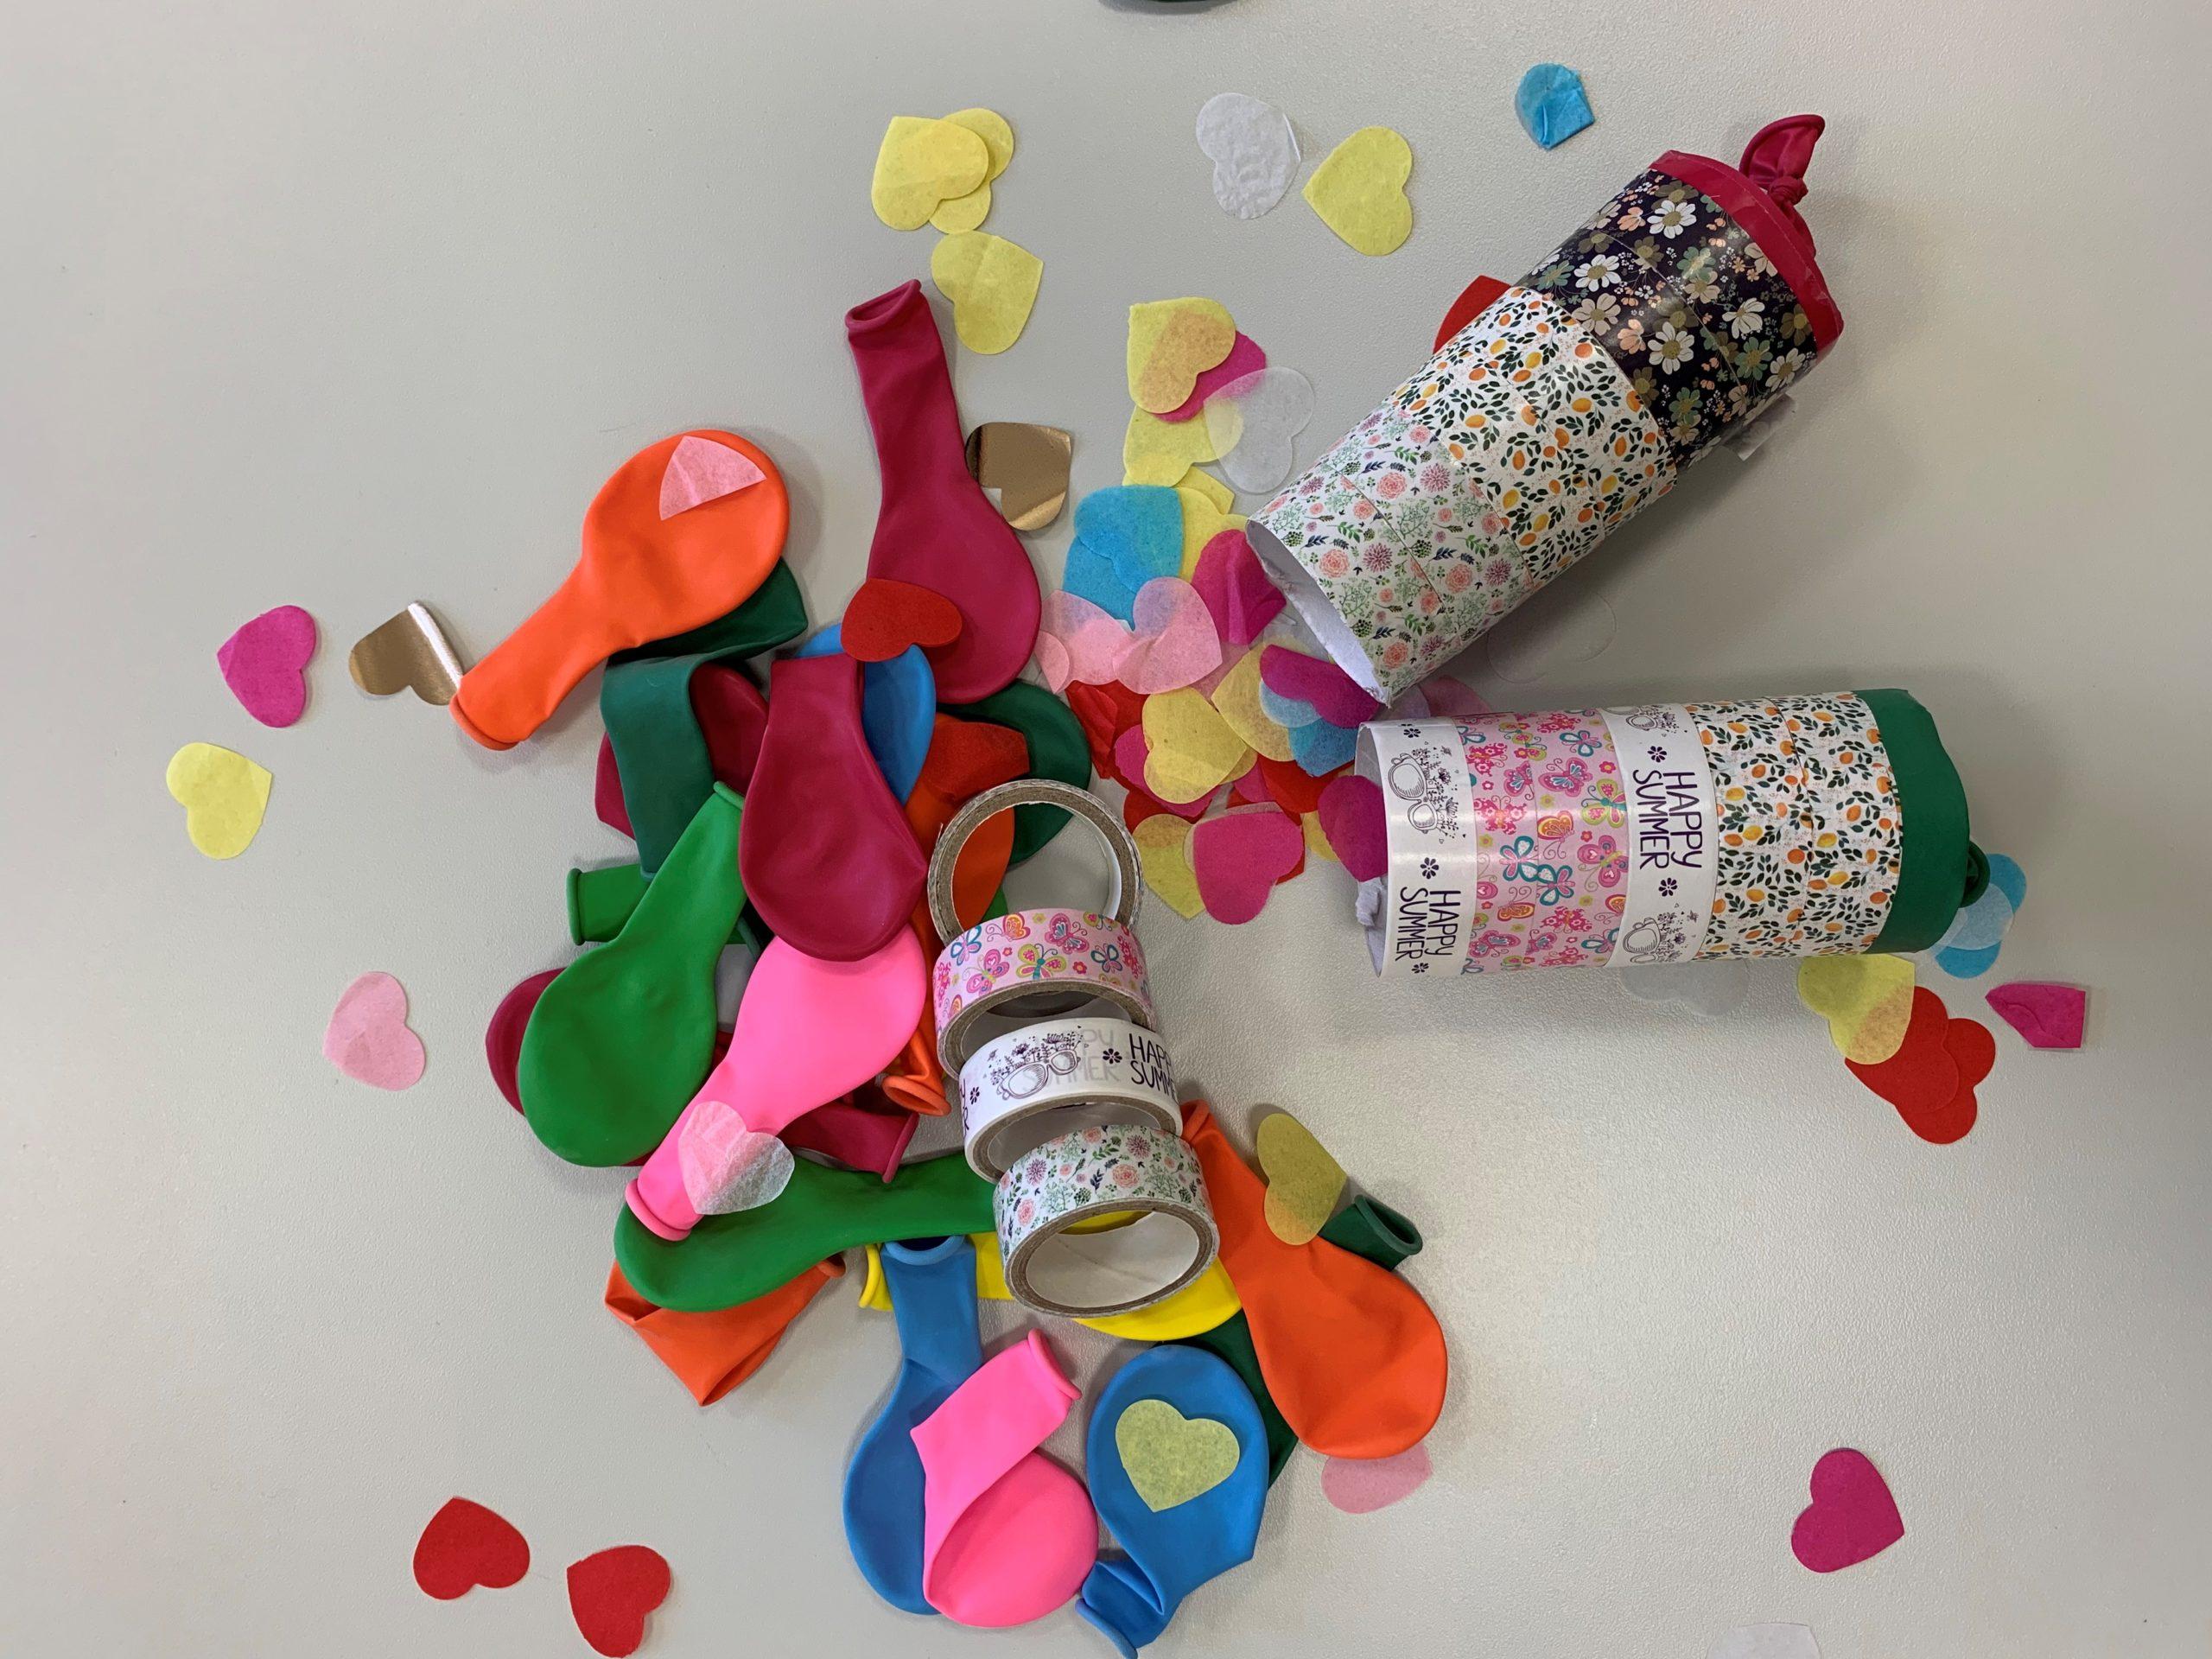 Selbstgebastelte Konfettikanonen mit Konfetti und Luftballons